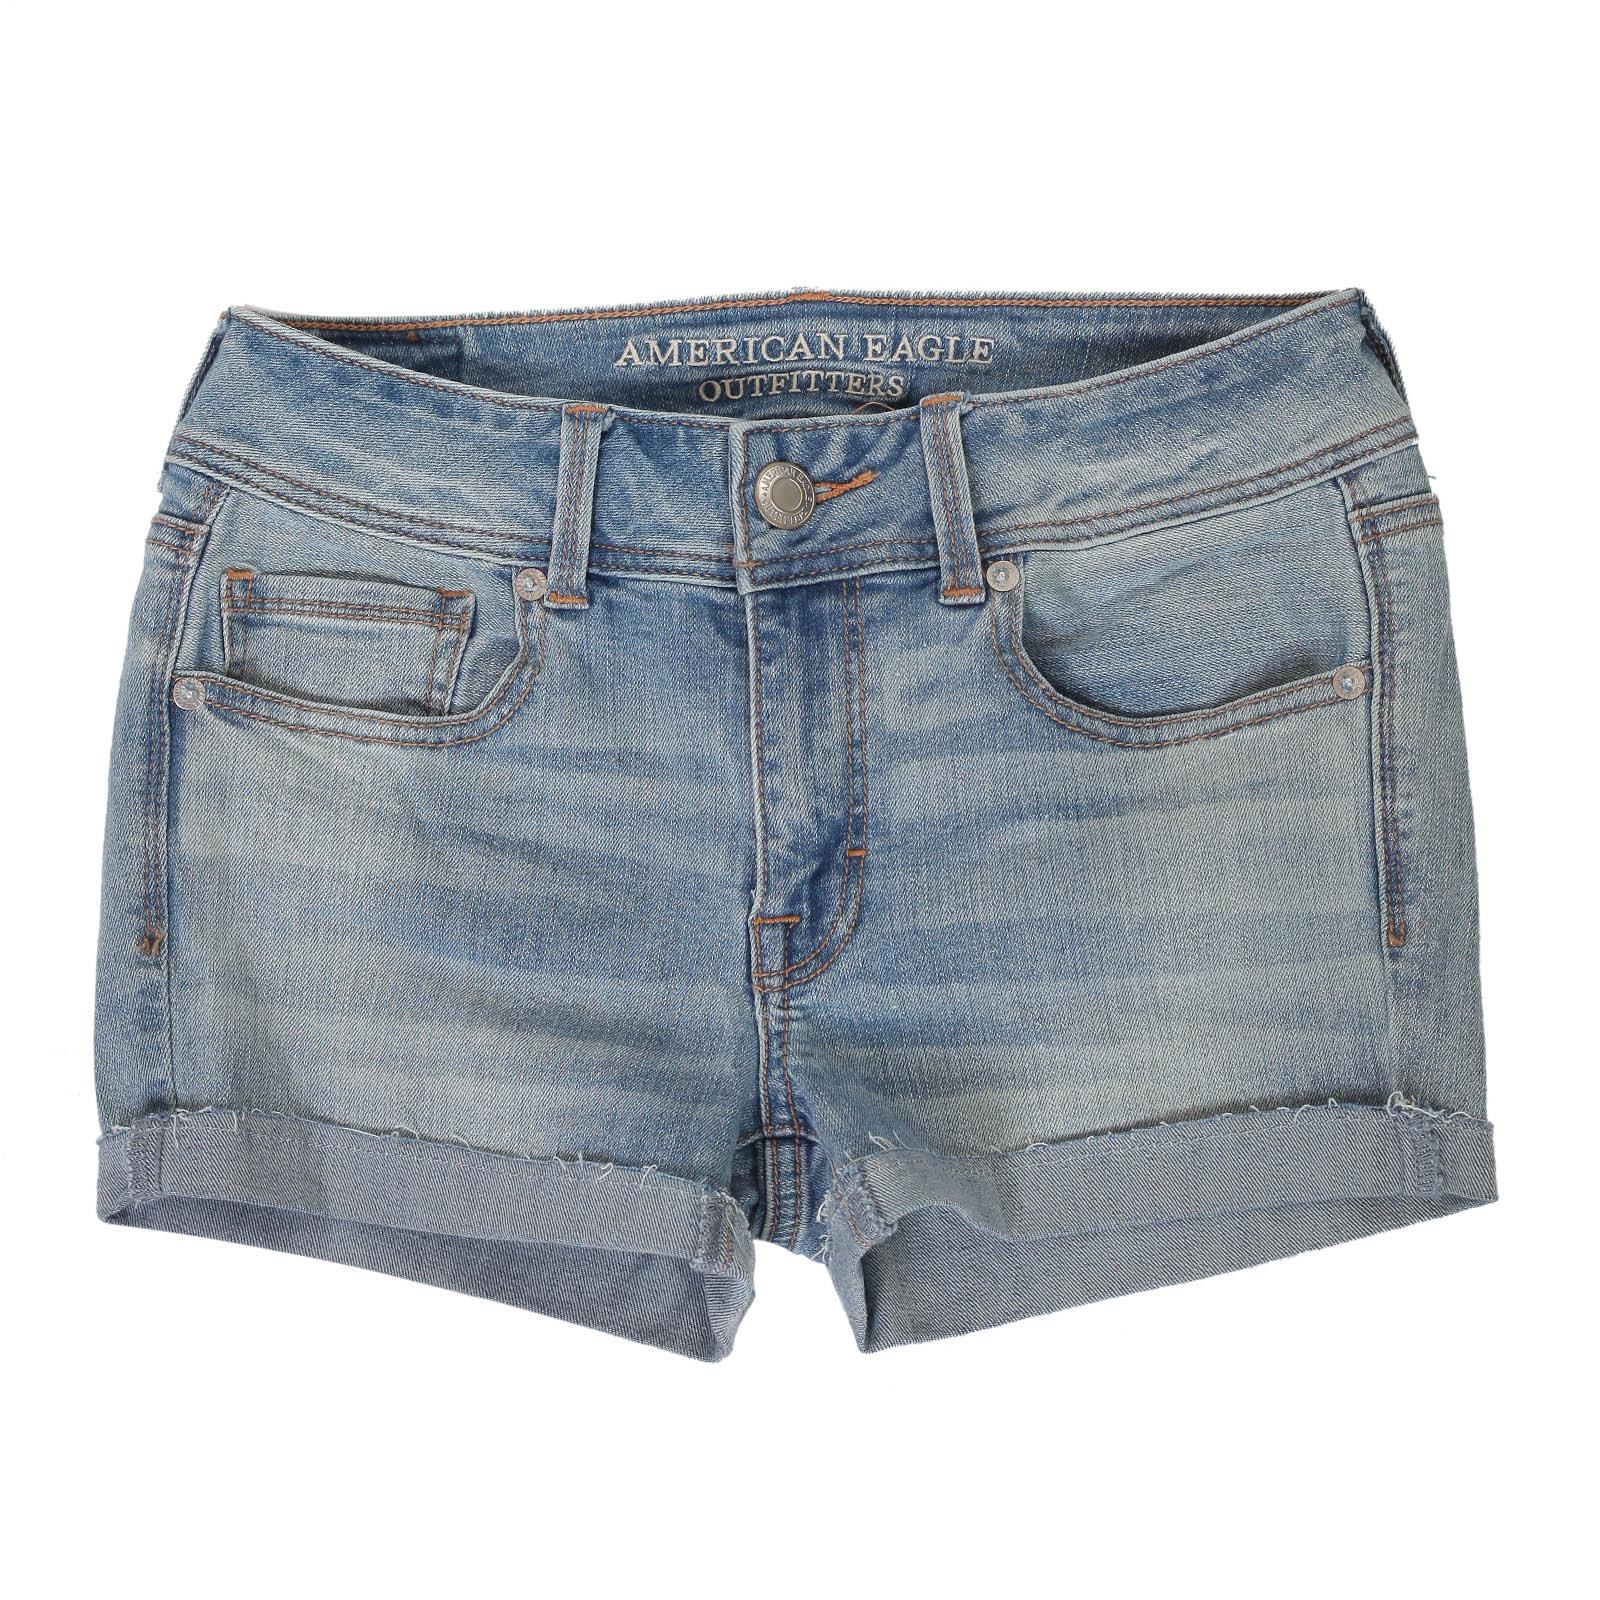 Купить актуальные всегда джинсовые шортики